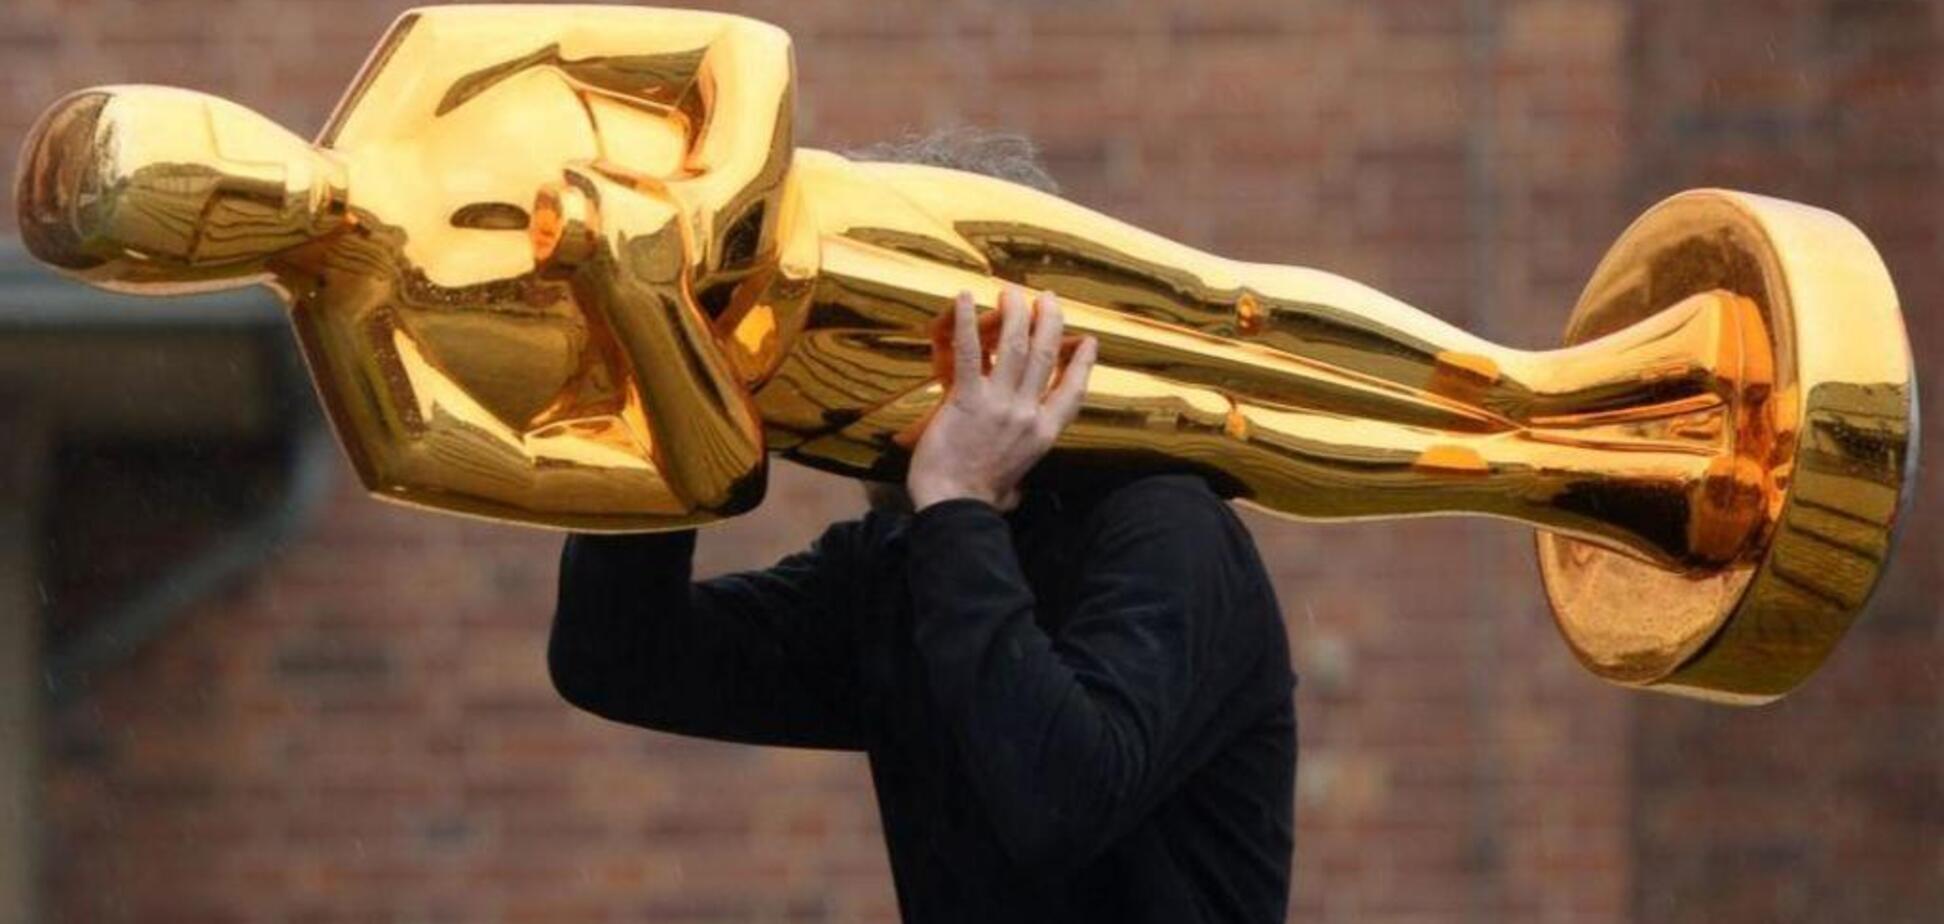 Холодильники и курятники: где голливудские звезды хранят свой 'Оскар'